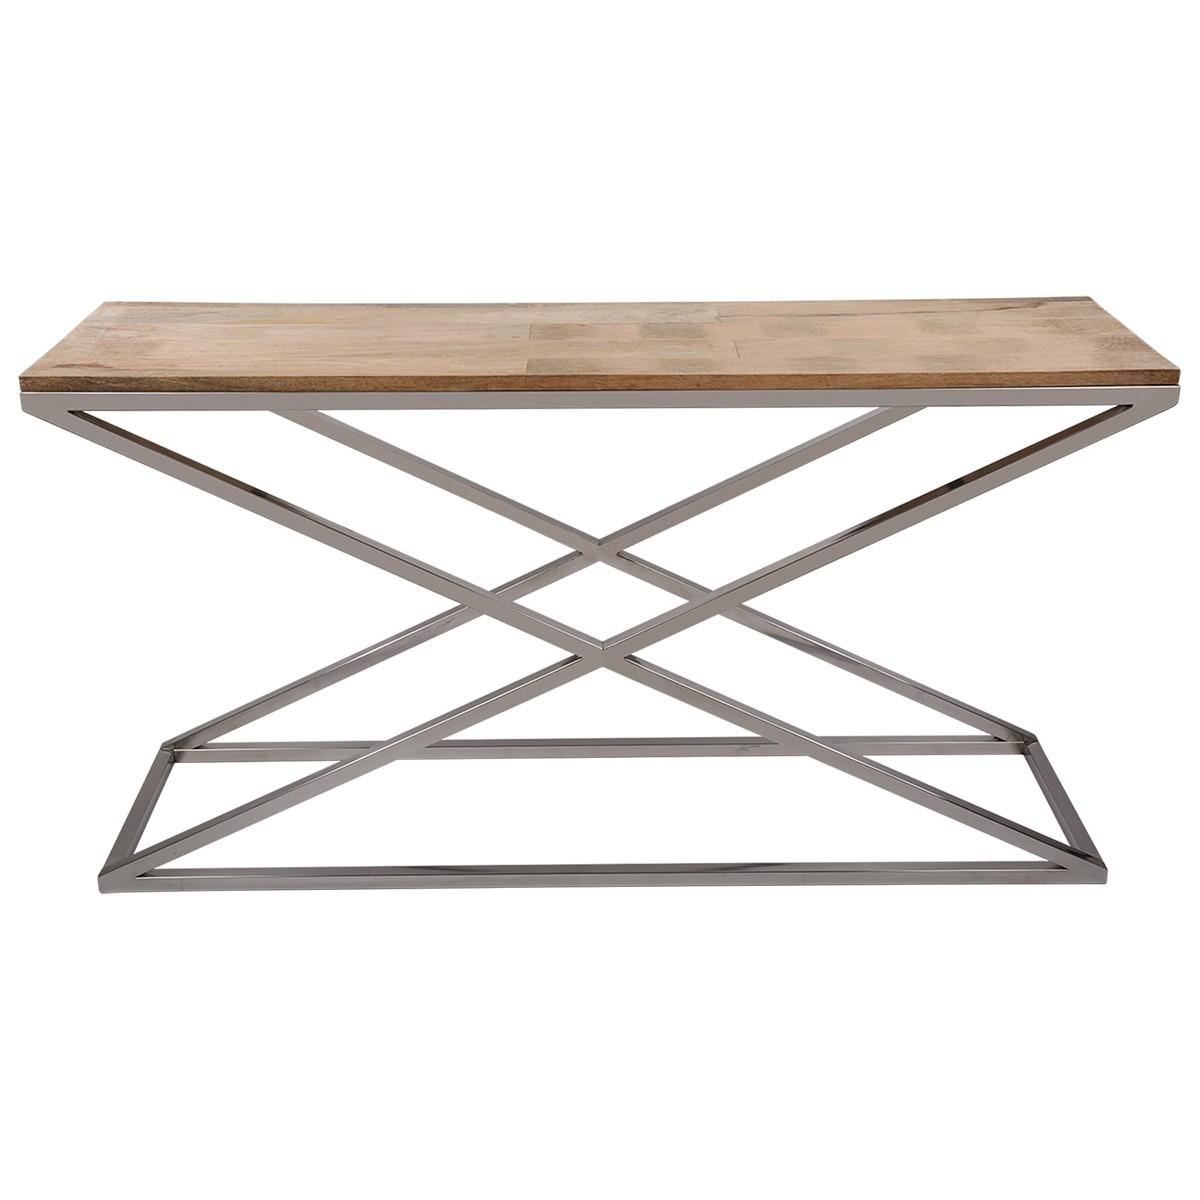 sideboard holz metall wandtiisch verchromt metall holzplatte breite 150 cm m bel designm bel. Black Bedroom Furniture Sets. Home Design Ideas